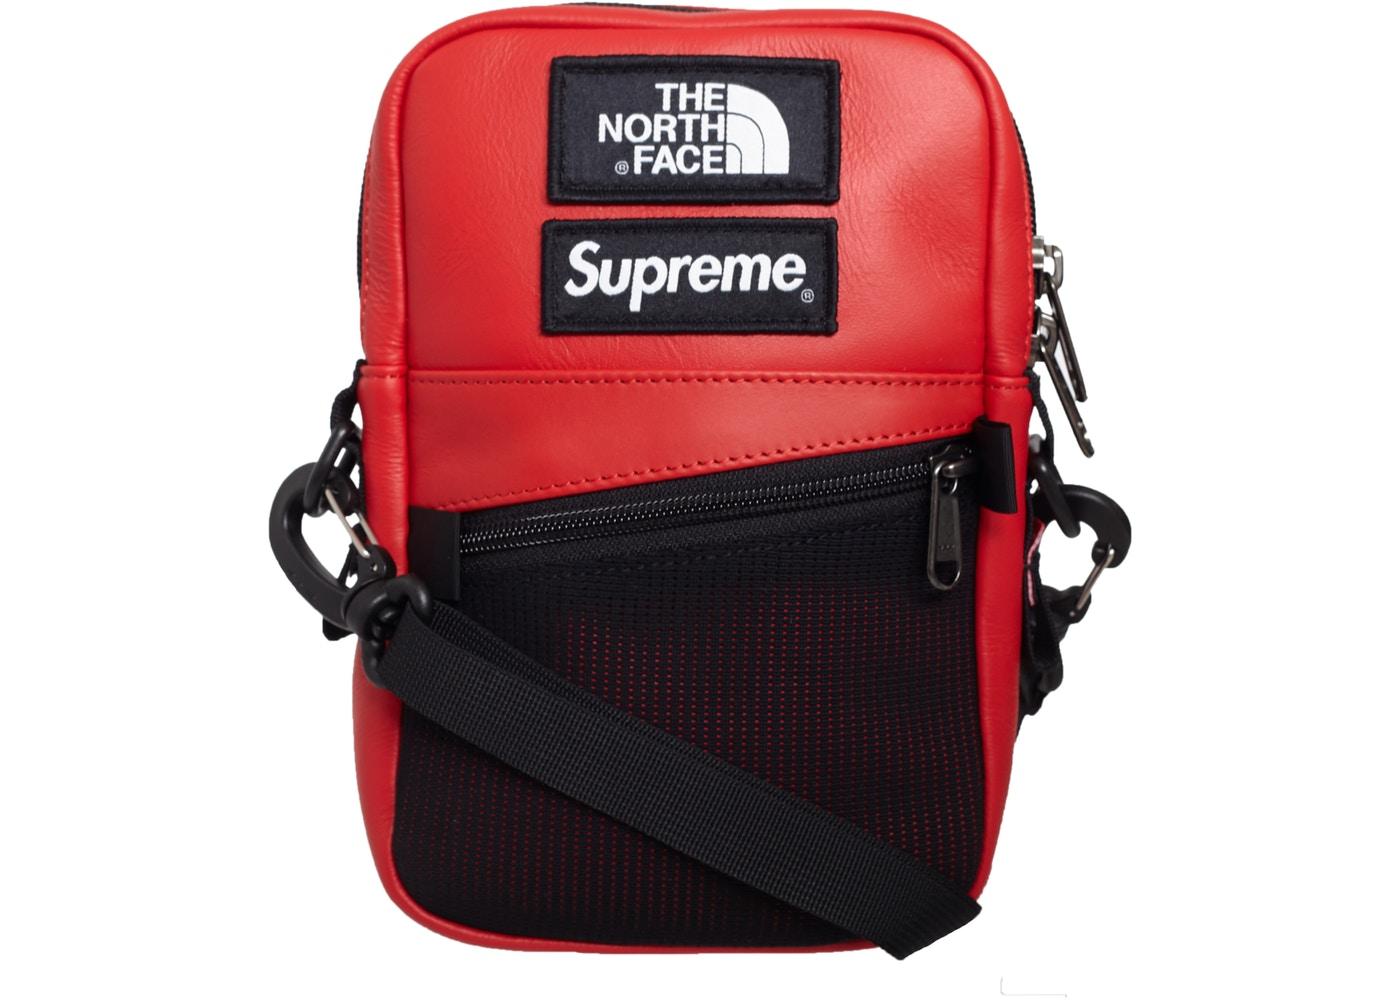 North Face Leather Shoulder Bag